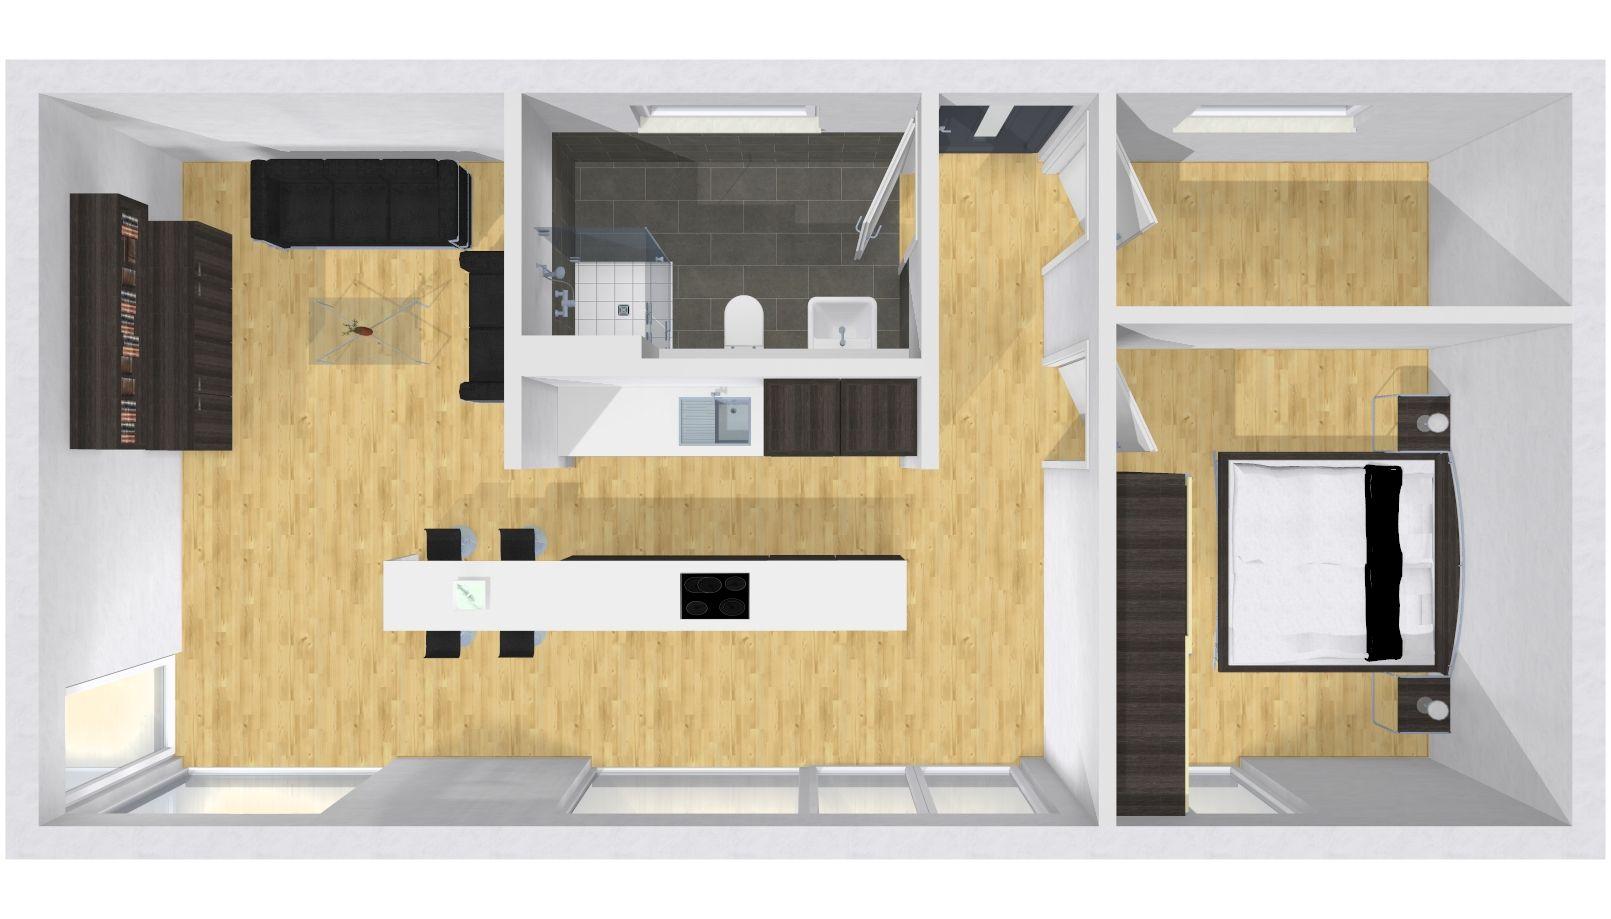 Ferienhaus by Architekt Mark Pupke & LegnoCube